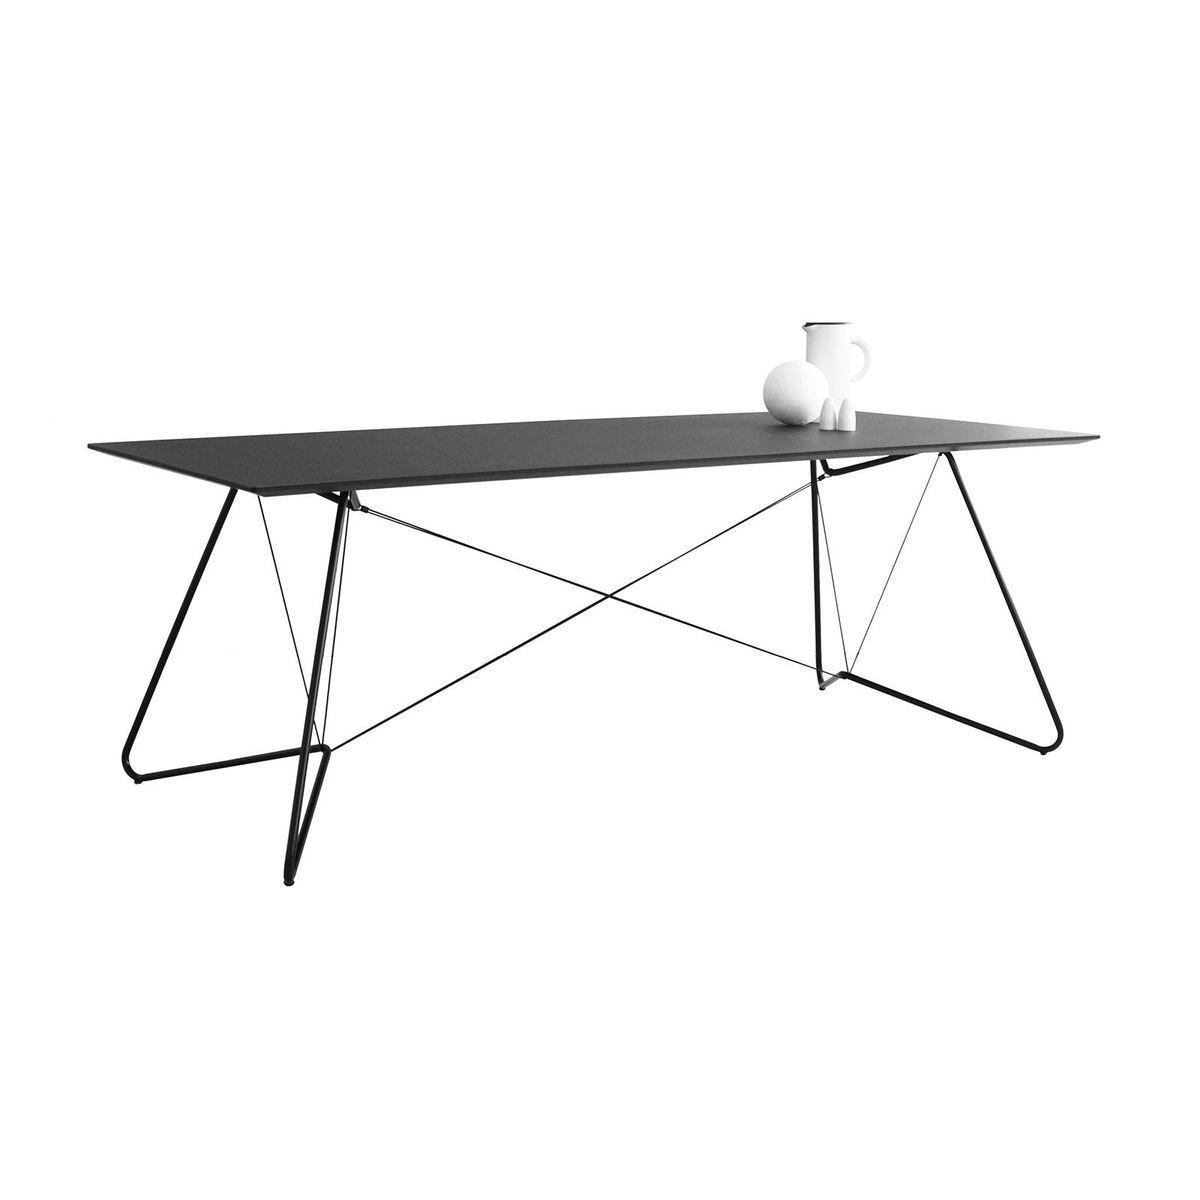 Best Moderner Runder Glasesstisch Ac Molteni Contemporary - Design & Ideas 2018 - mrshesha.com